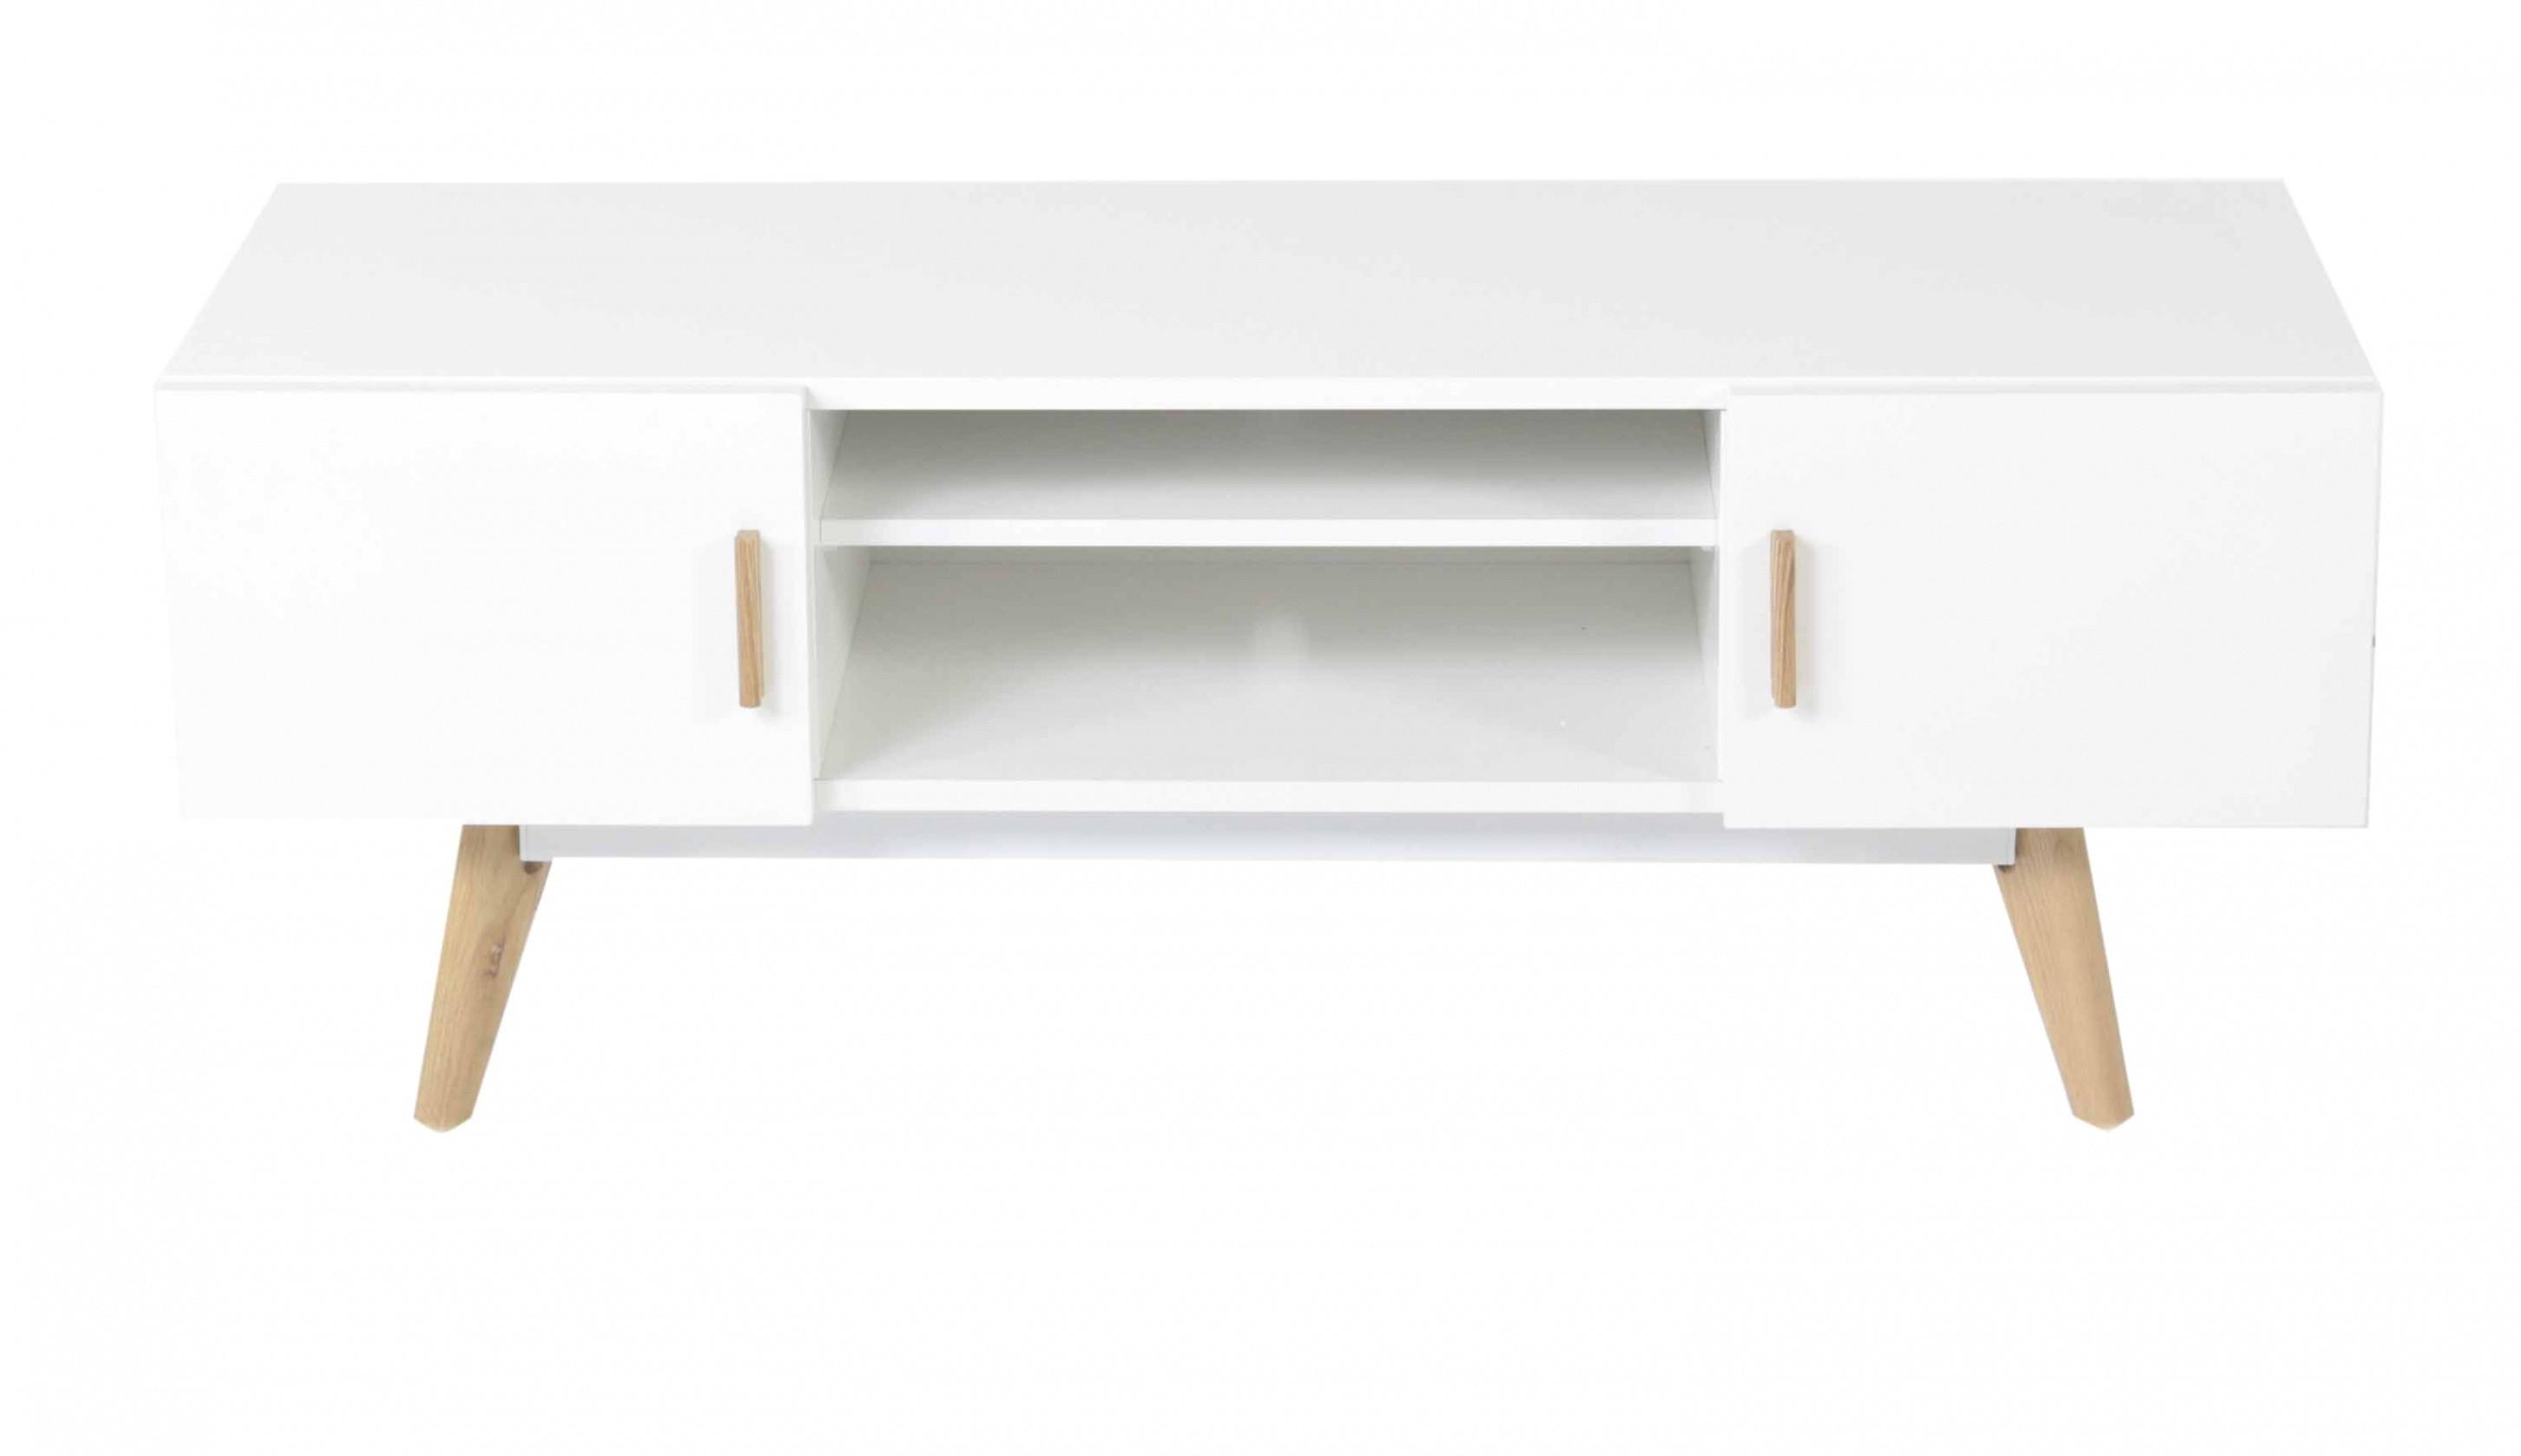 Meuble Tv Erard 37 Concept Meuble Tv En Teck Alinea à Meuble Tv Alinea